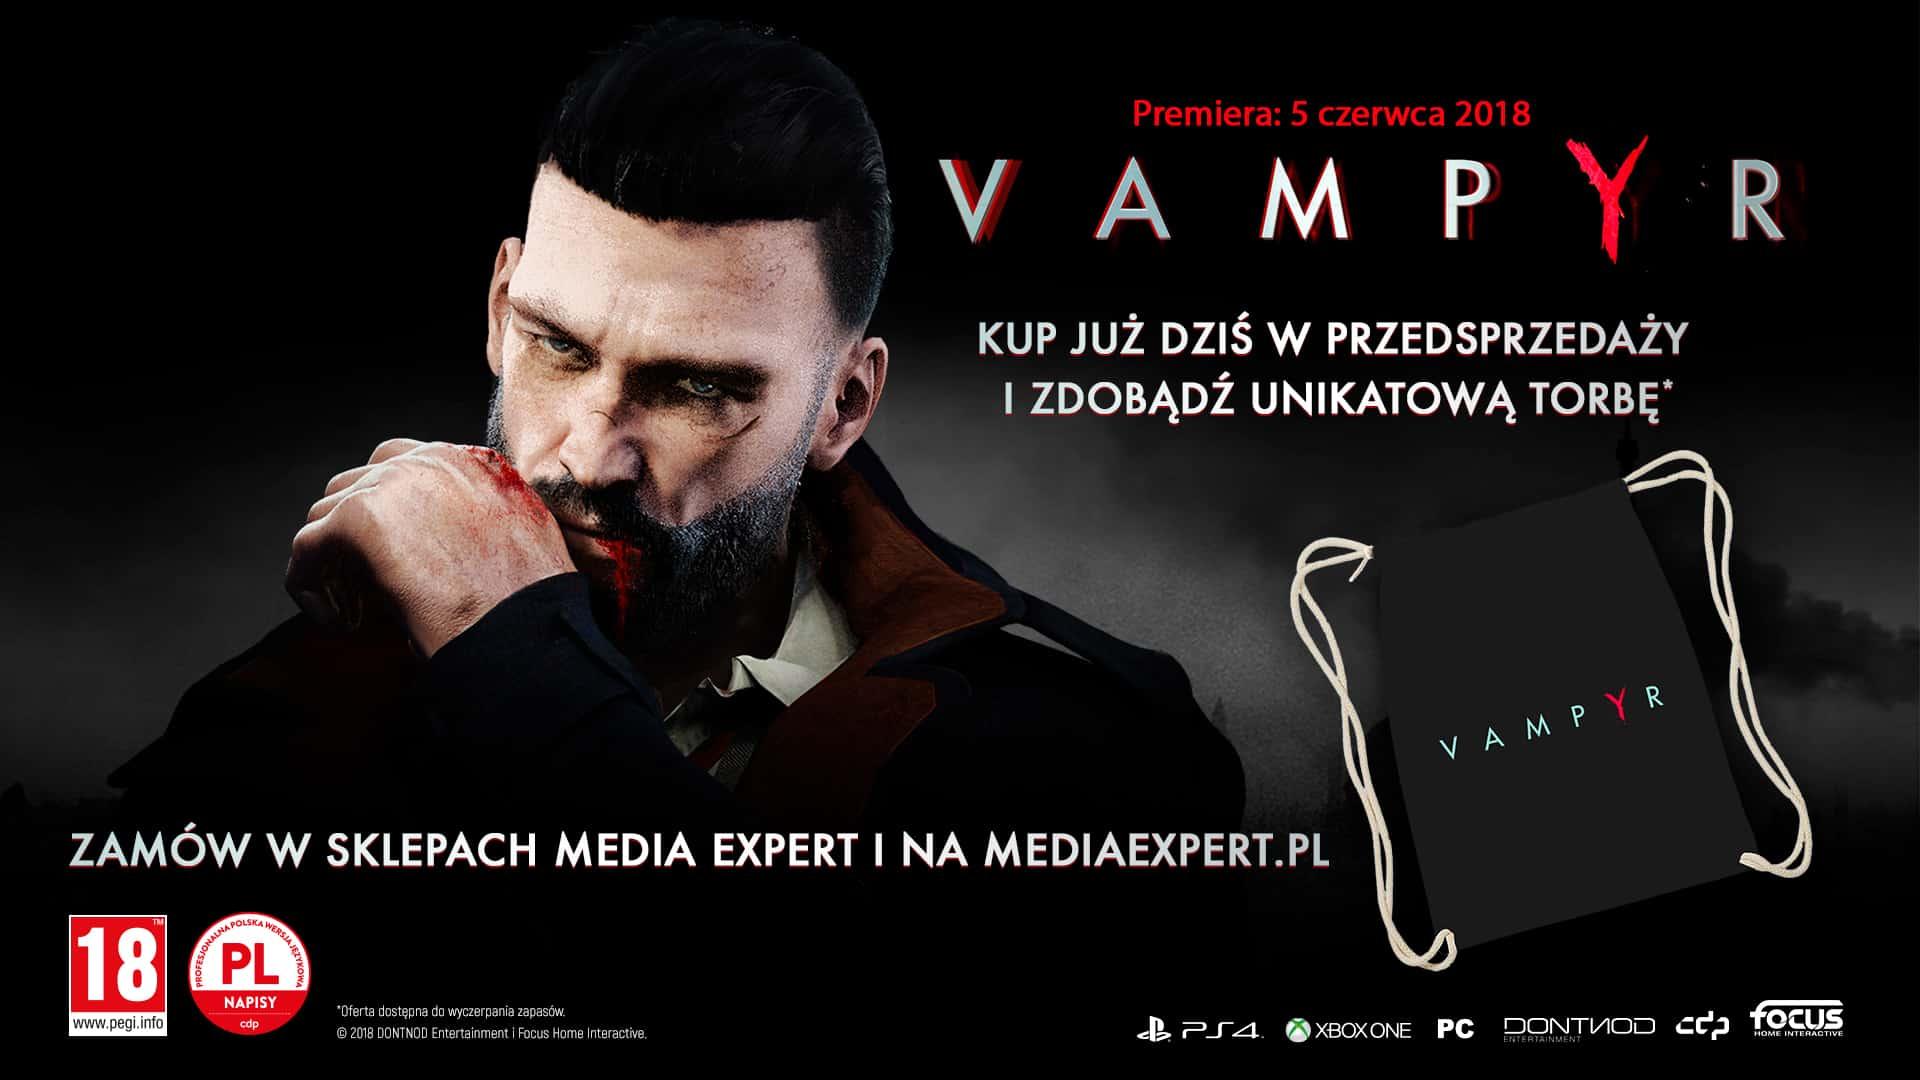 Vampyr Empik Media Expert